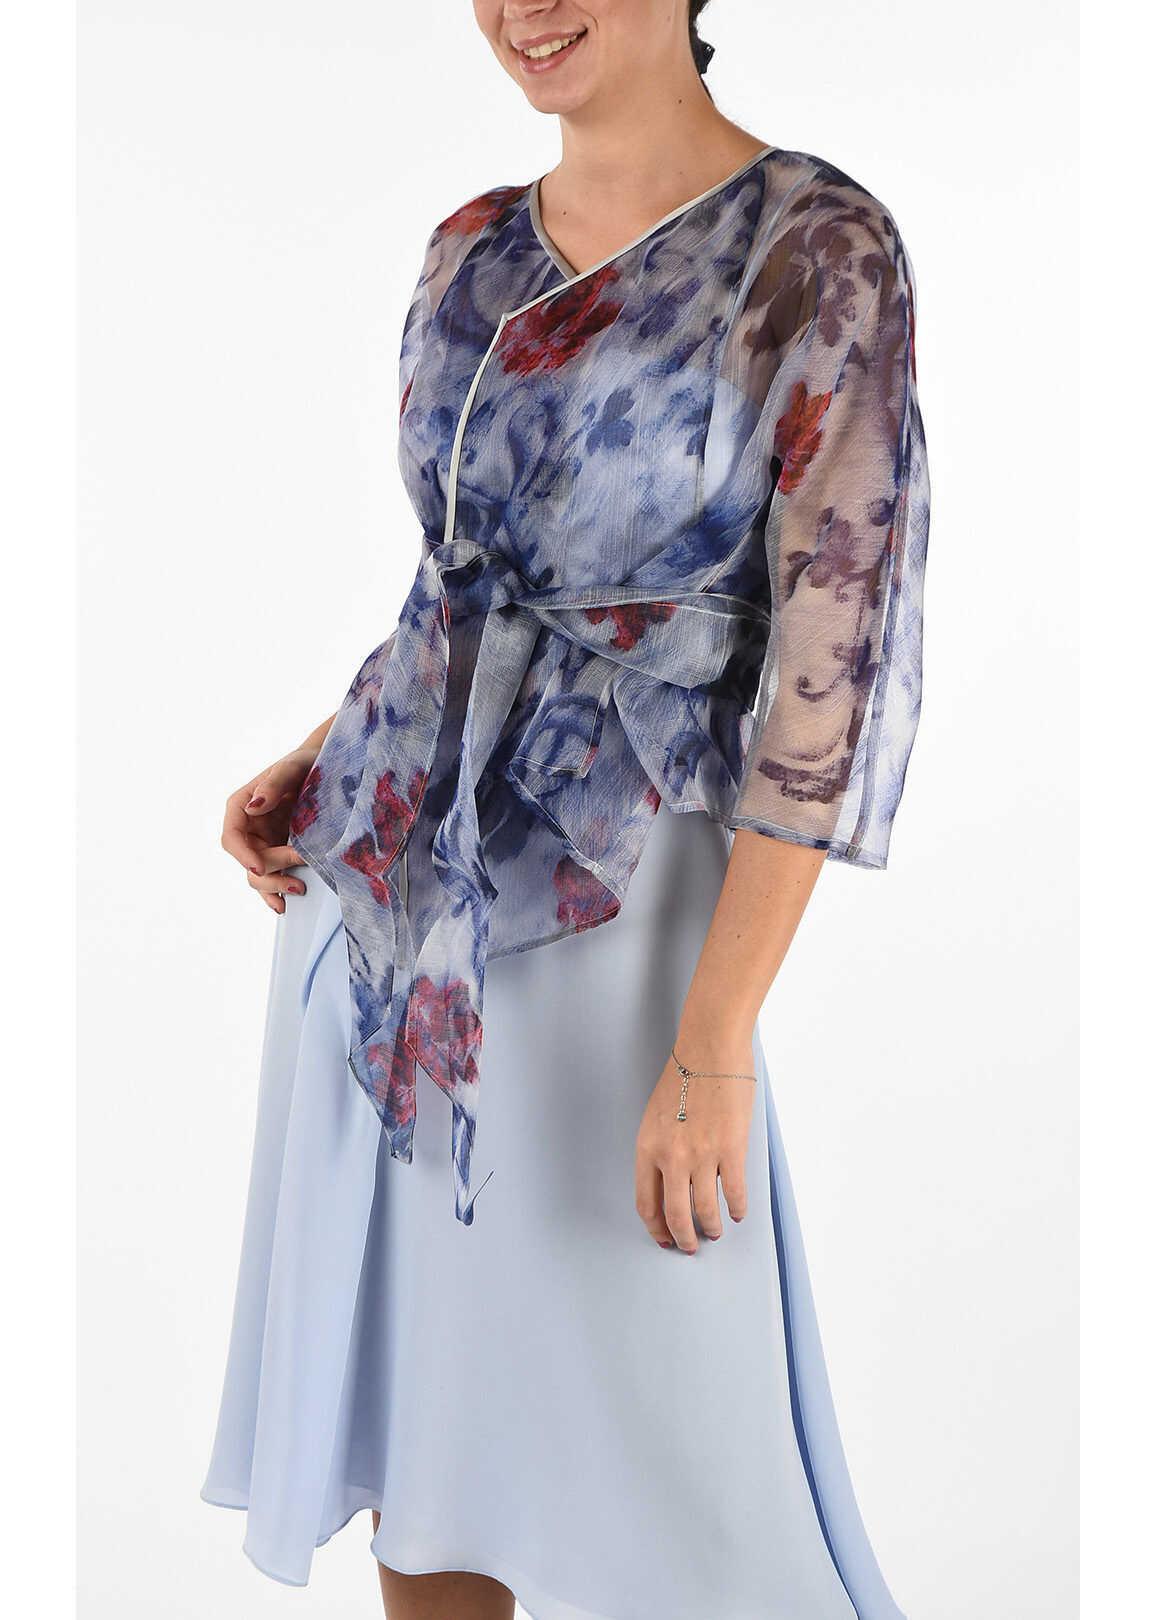 Armani COLLEZIONI Silk Floral Jacket MULTICOLOR